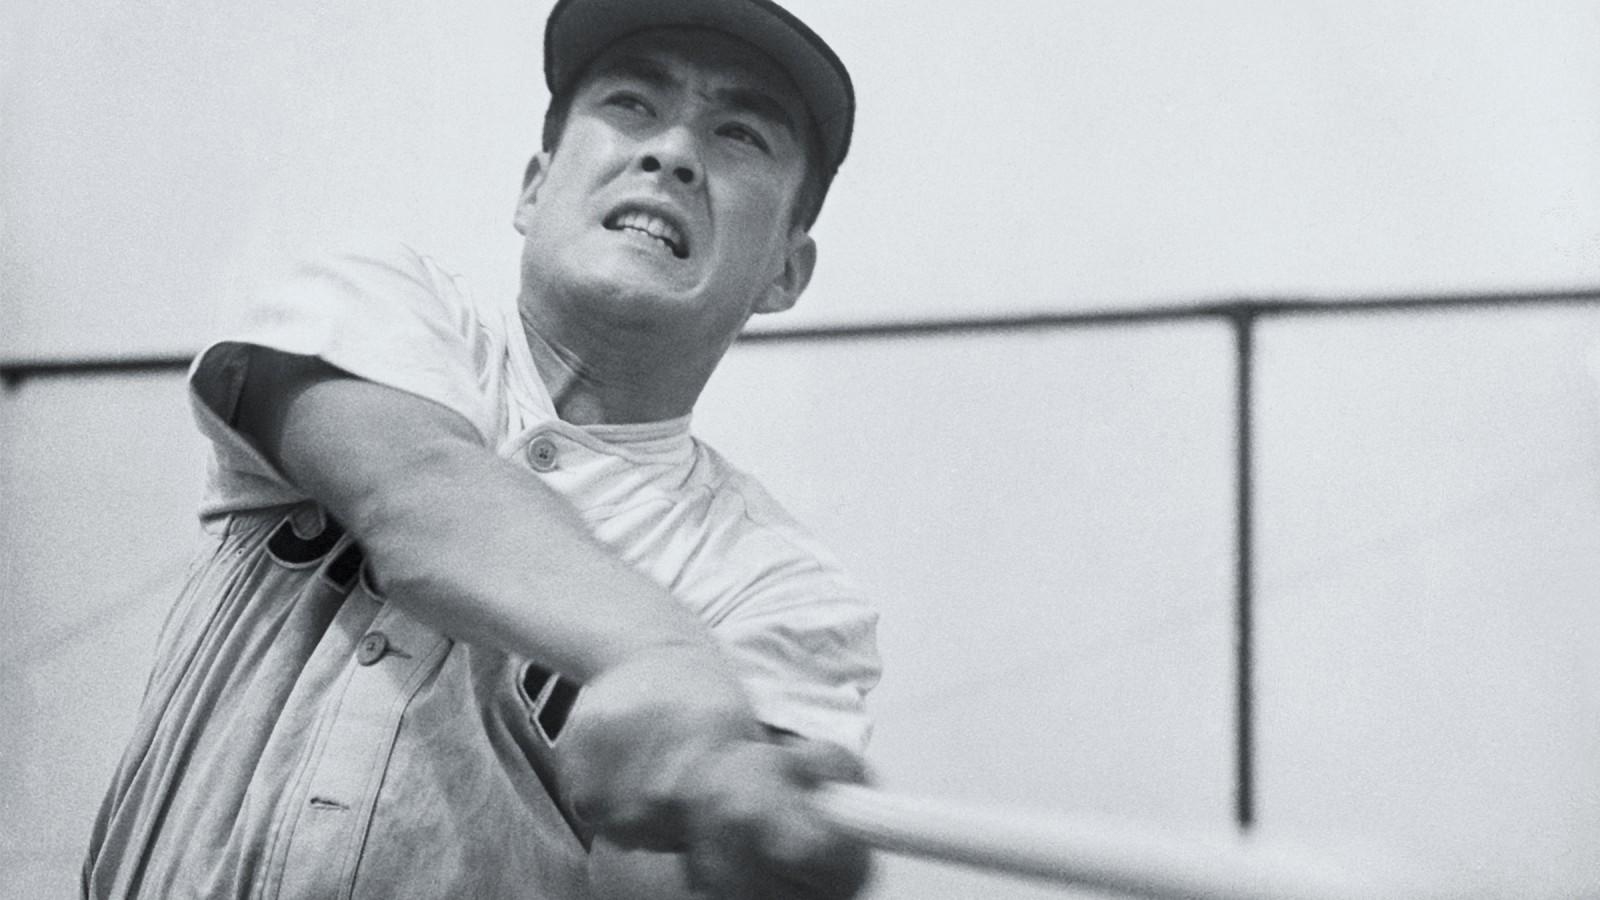 Masaki Kobayashi Plays Hardball